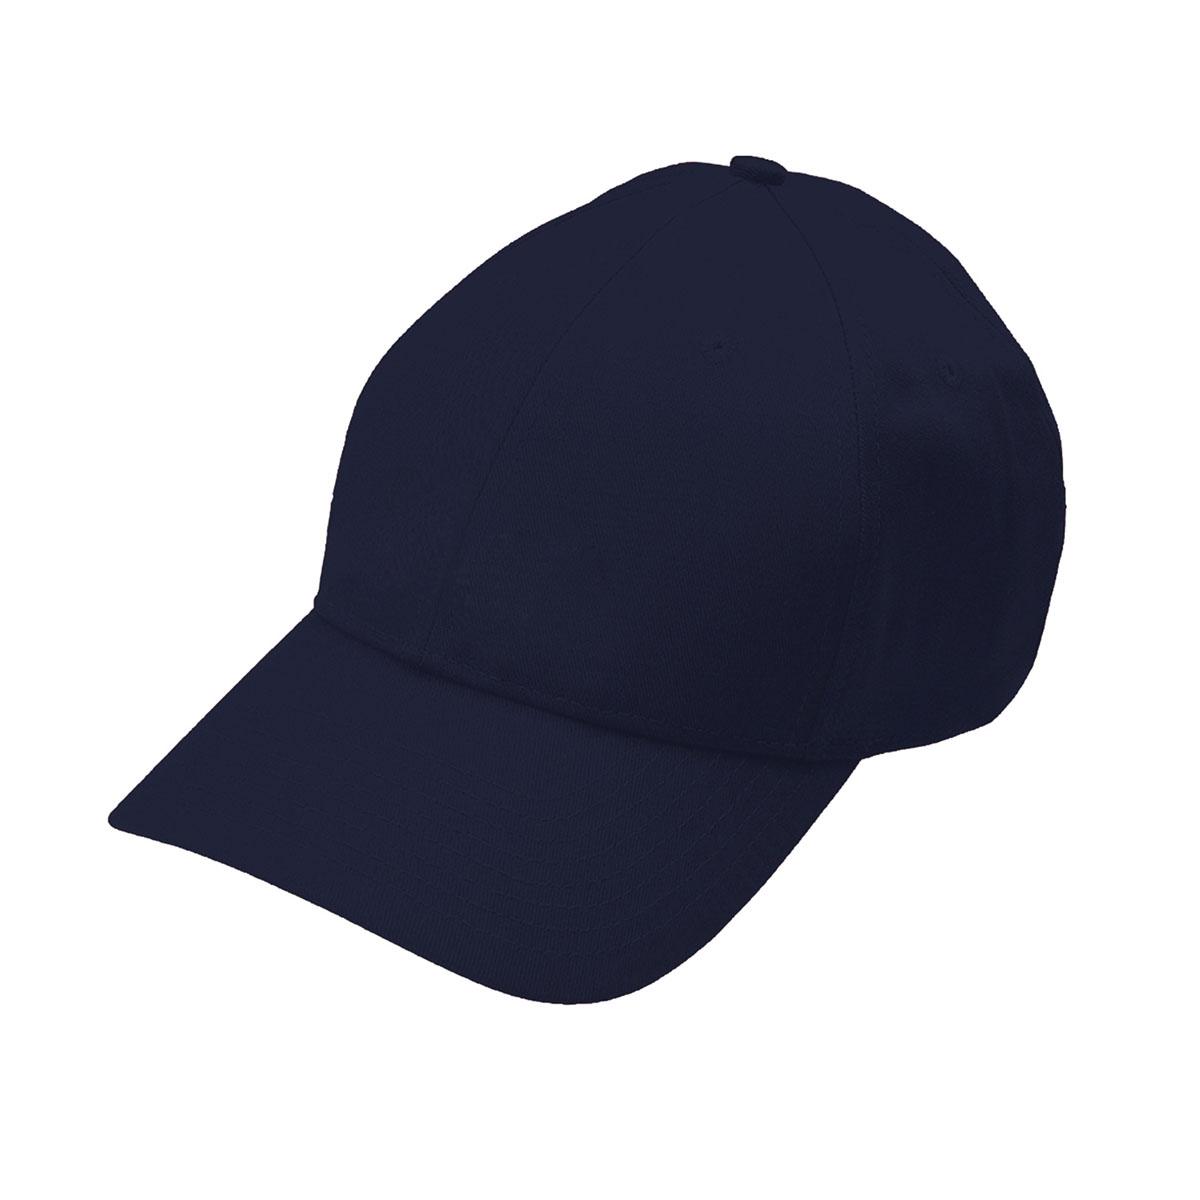 Navy eco cotton cap